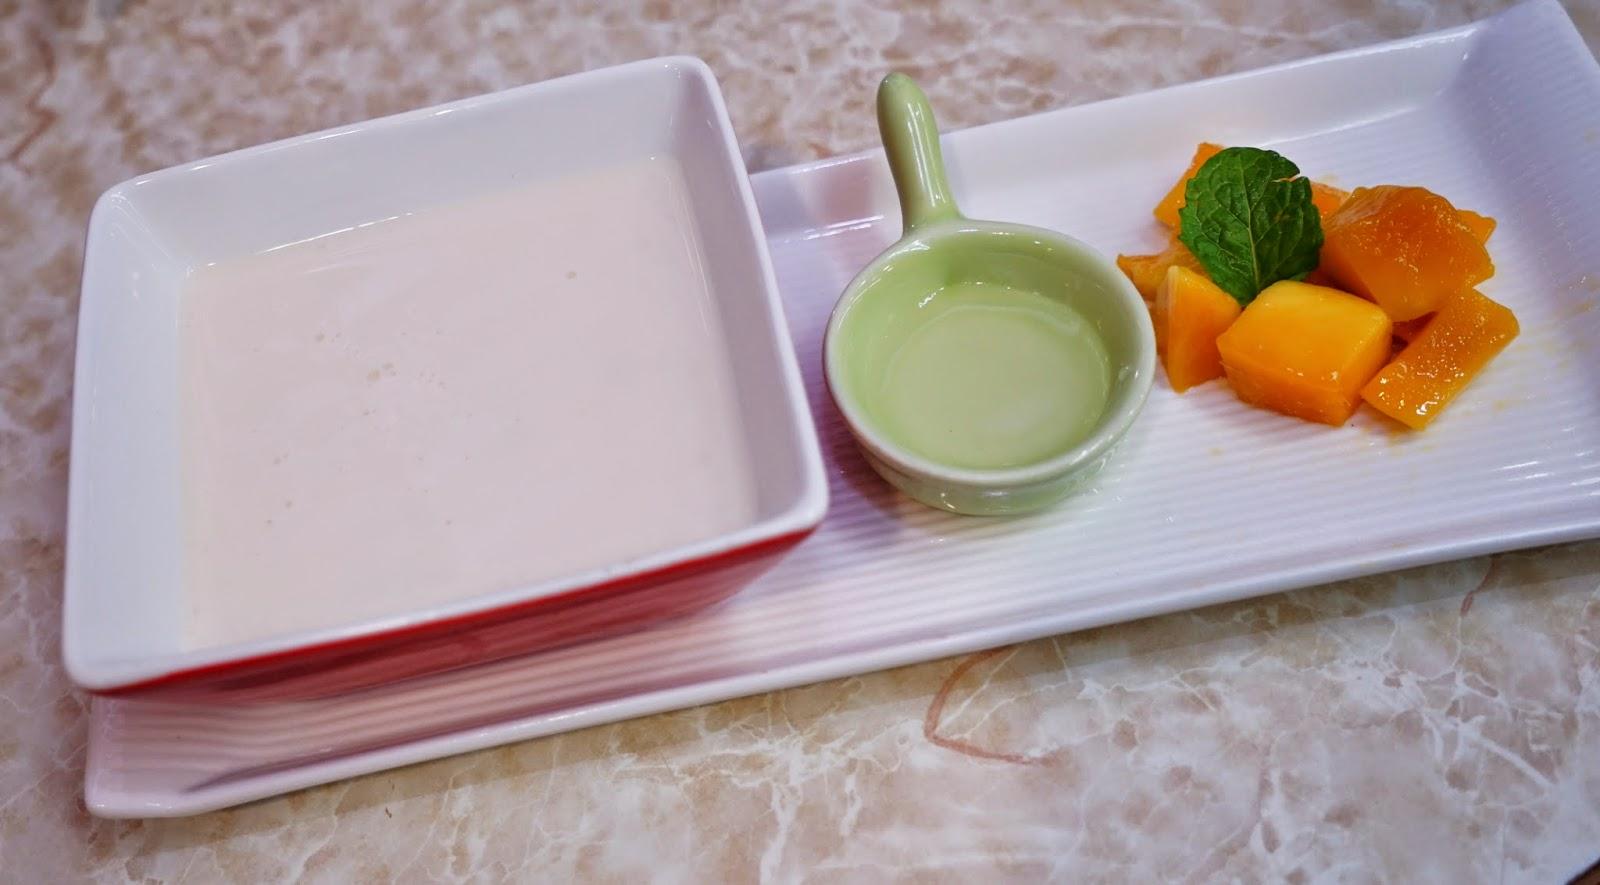 香港深水埗甜蜜總部 甜品芒果西米露